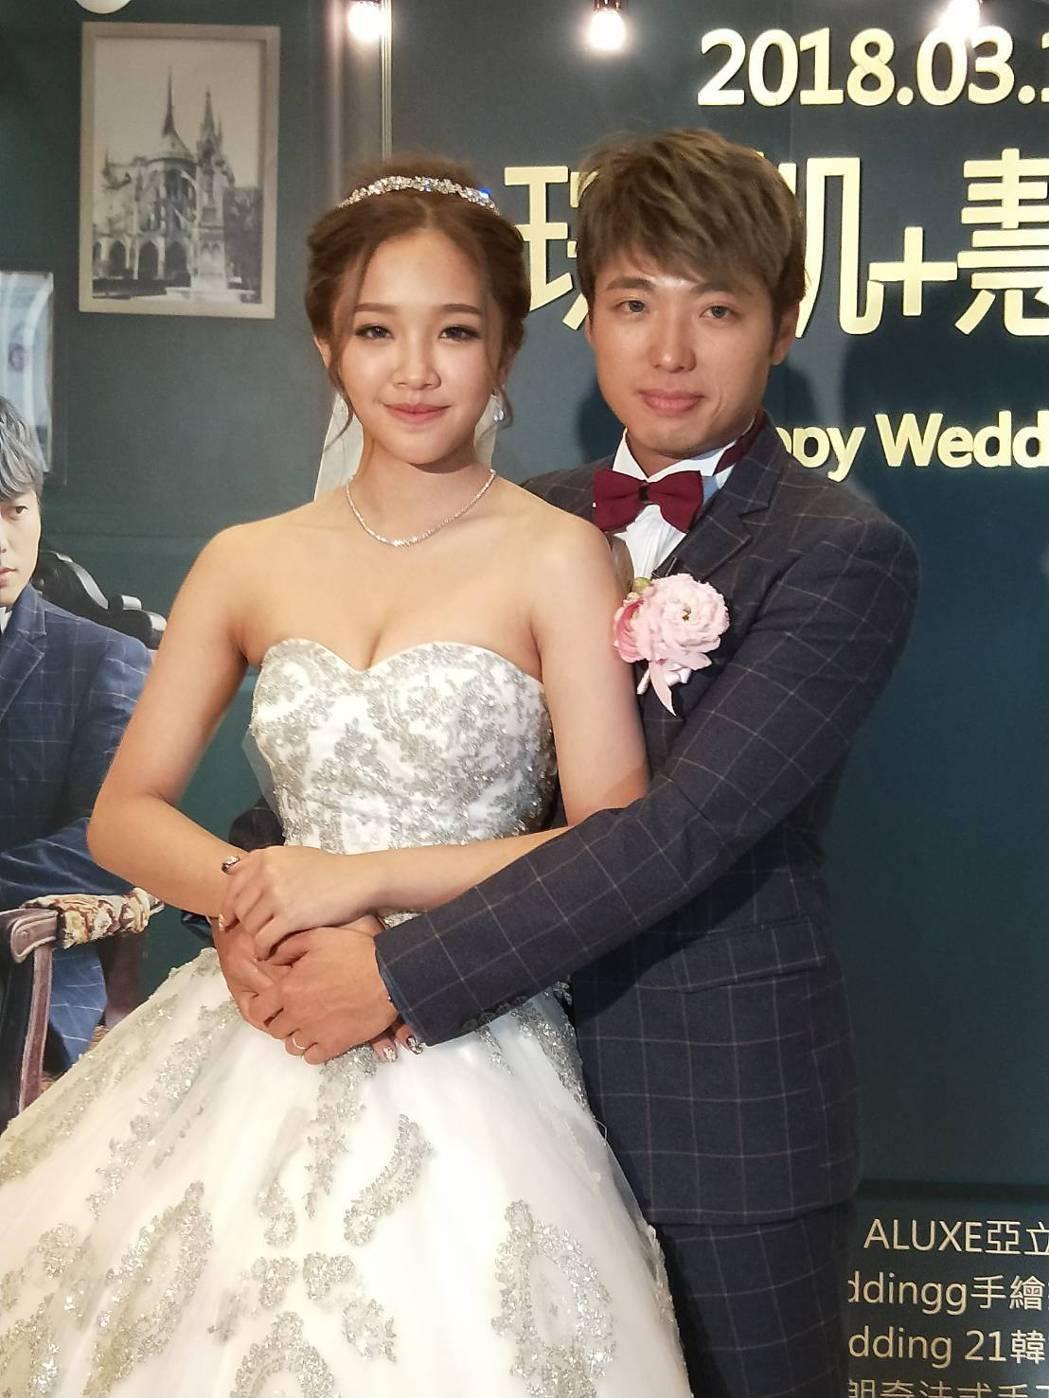 「小賀」導演高琮凱娶同劇演員賴慧如,17日補辦婚宴。圖/金熙提供